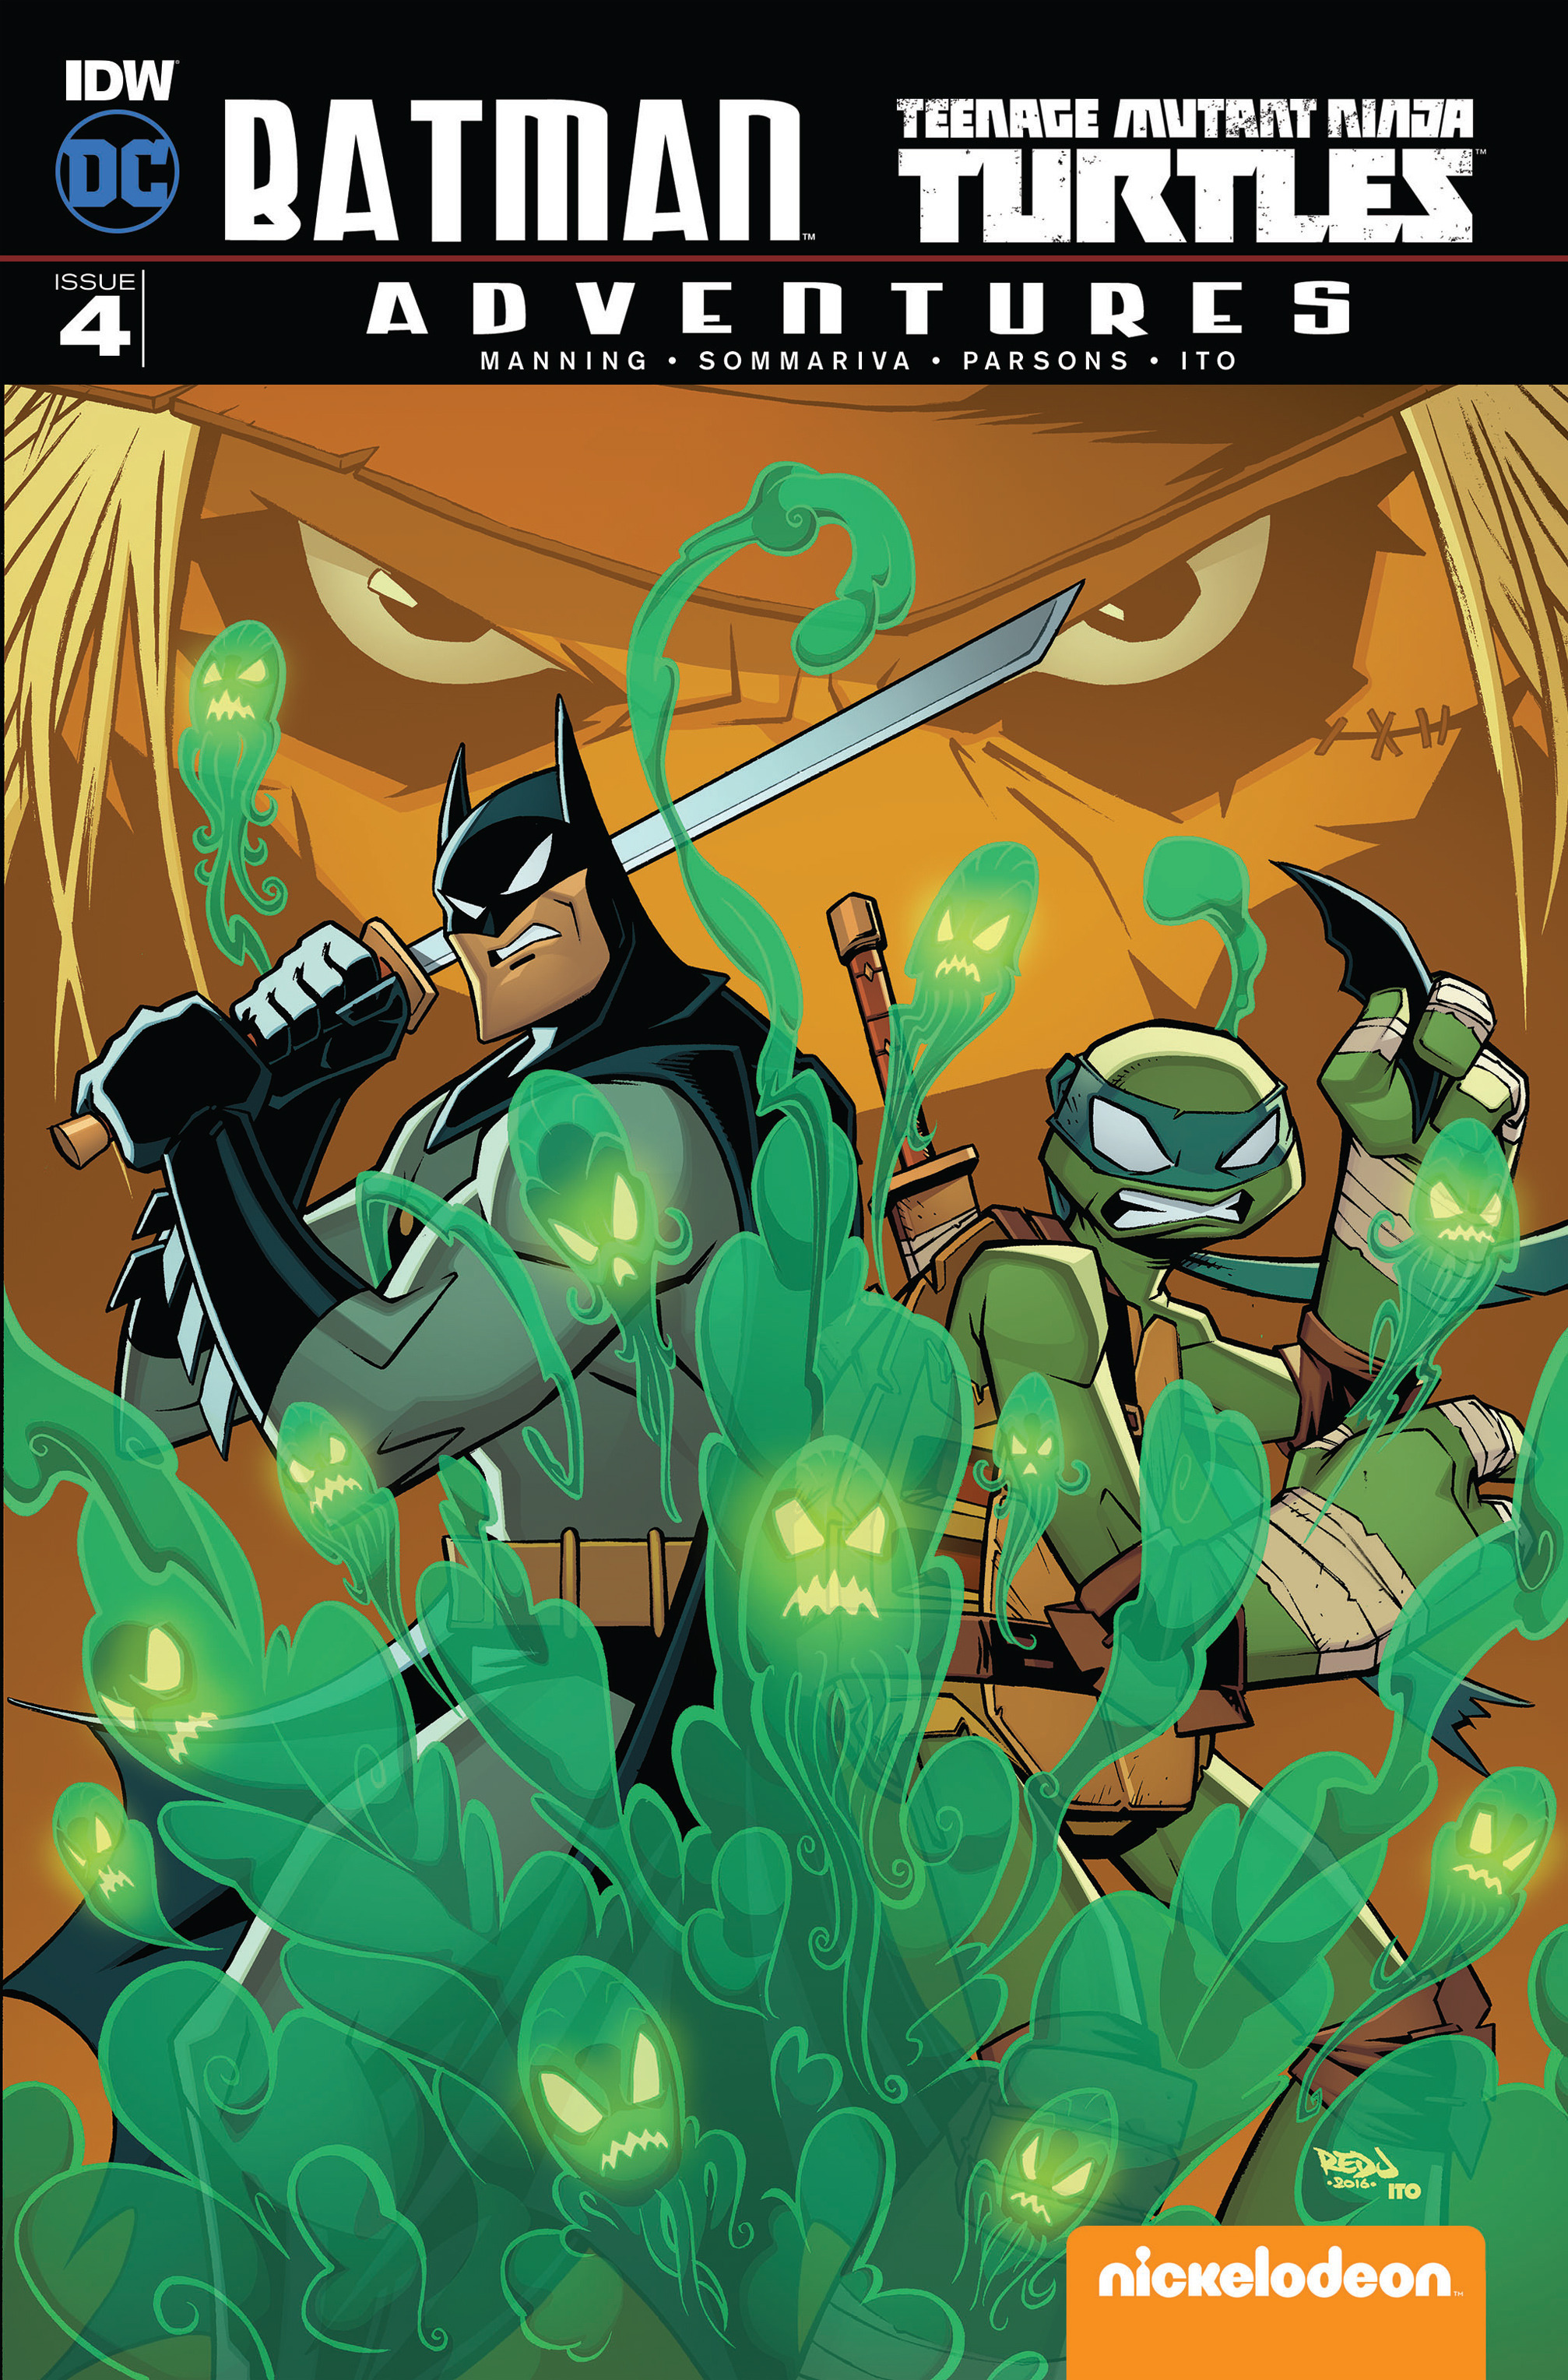 Read online Batman/Teenage Mutant Ninja Turtles Adventure comic -  Issue #4 - 1